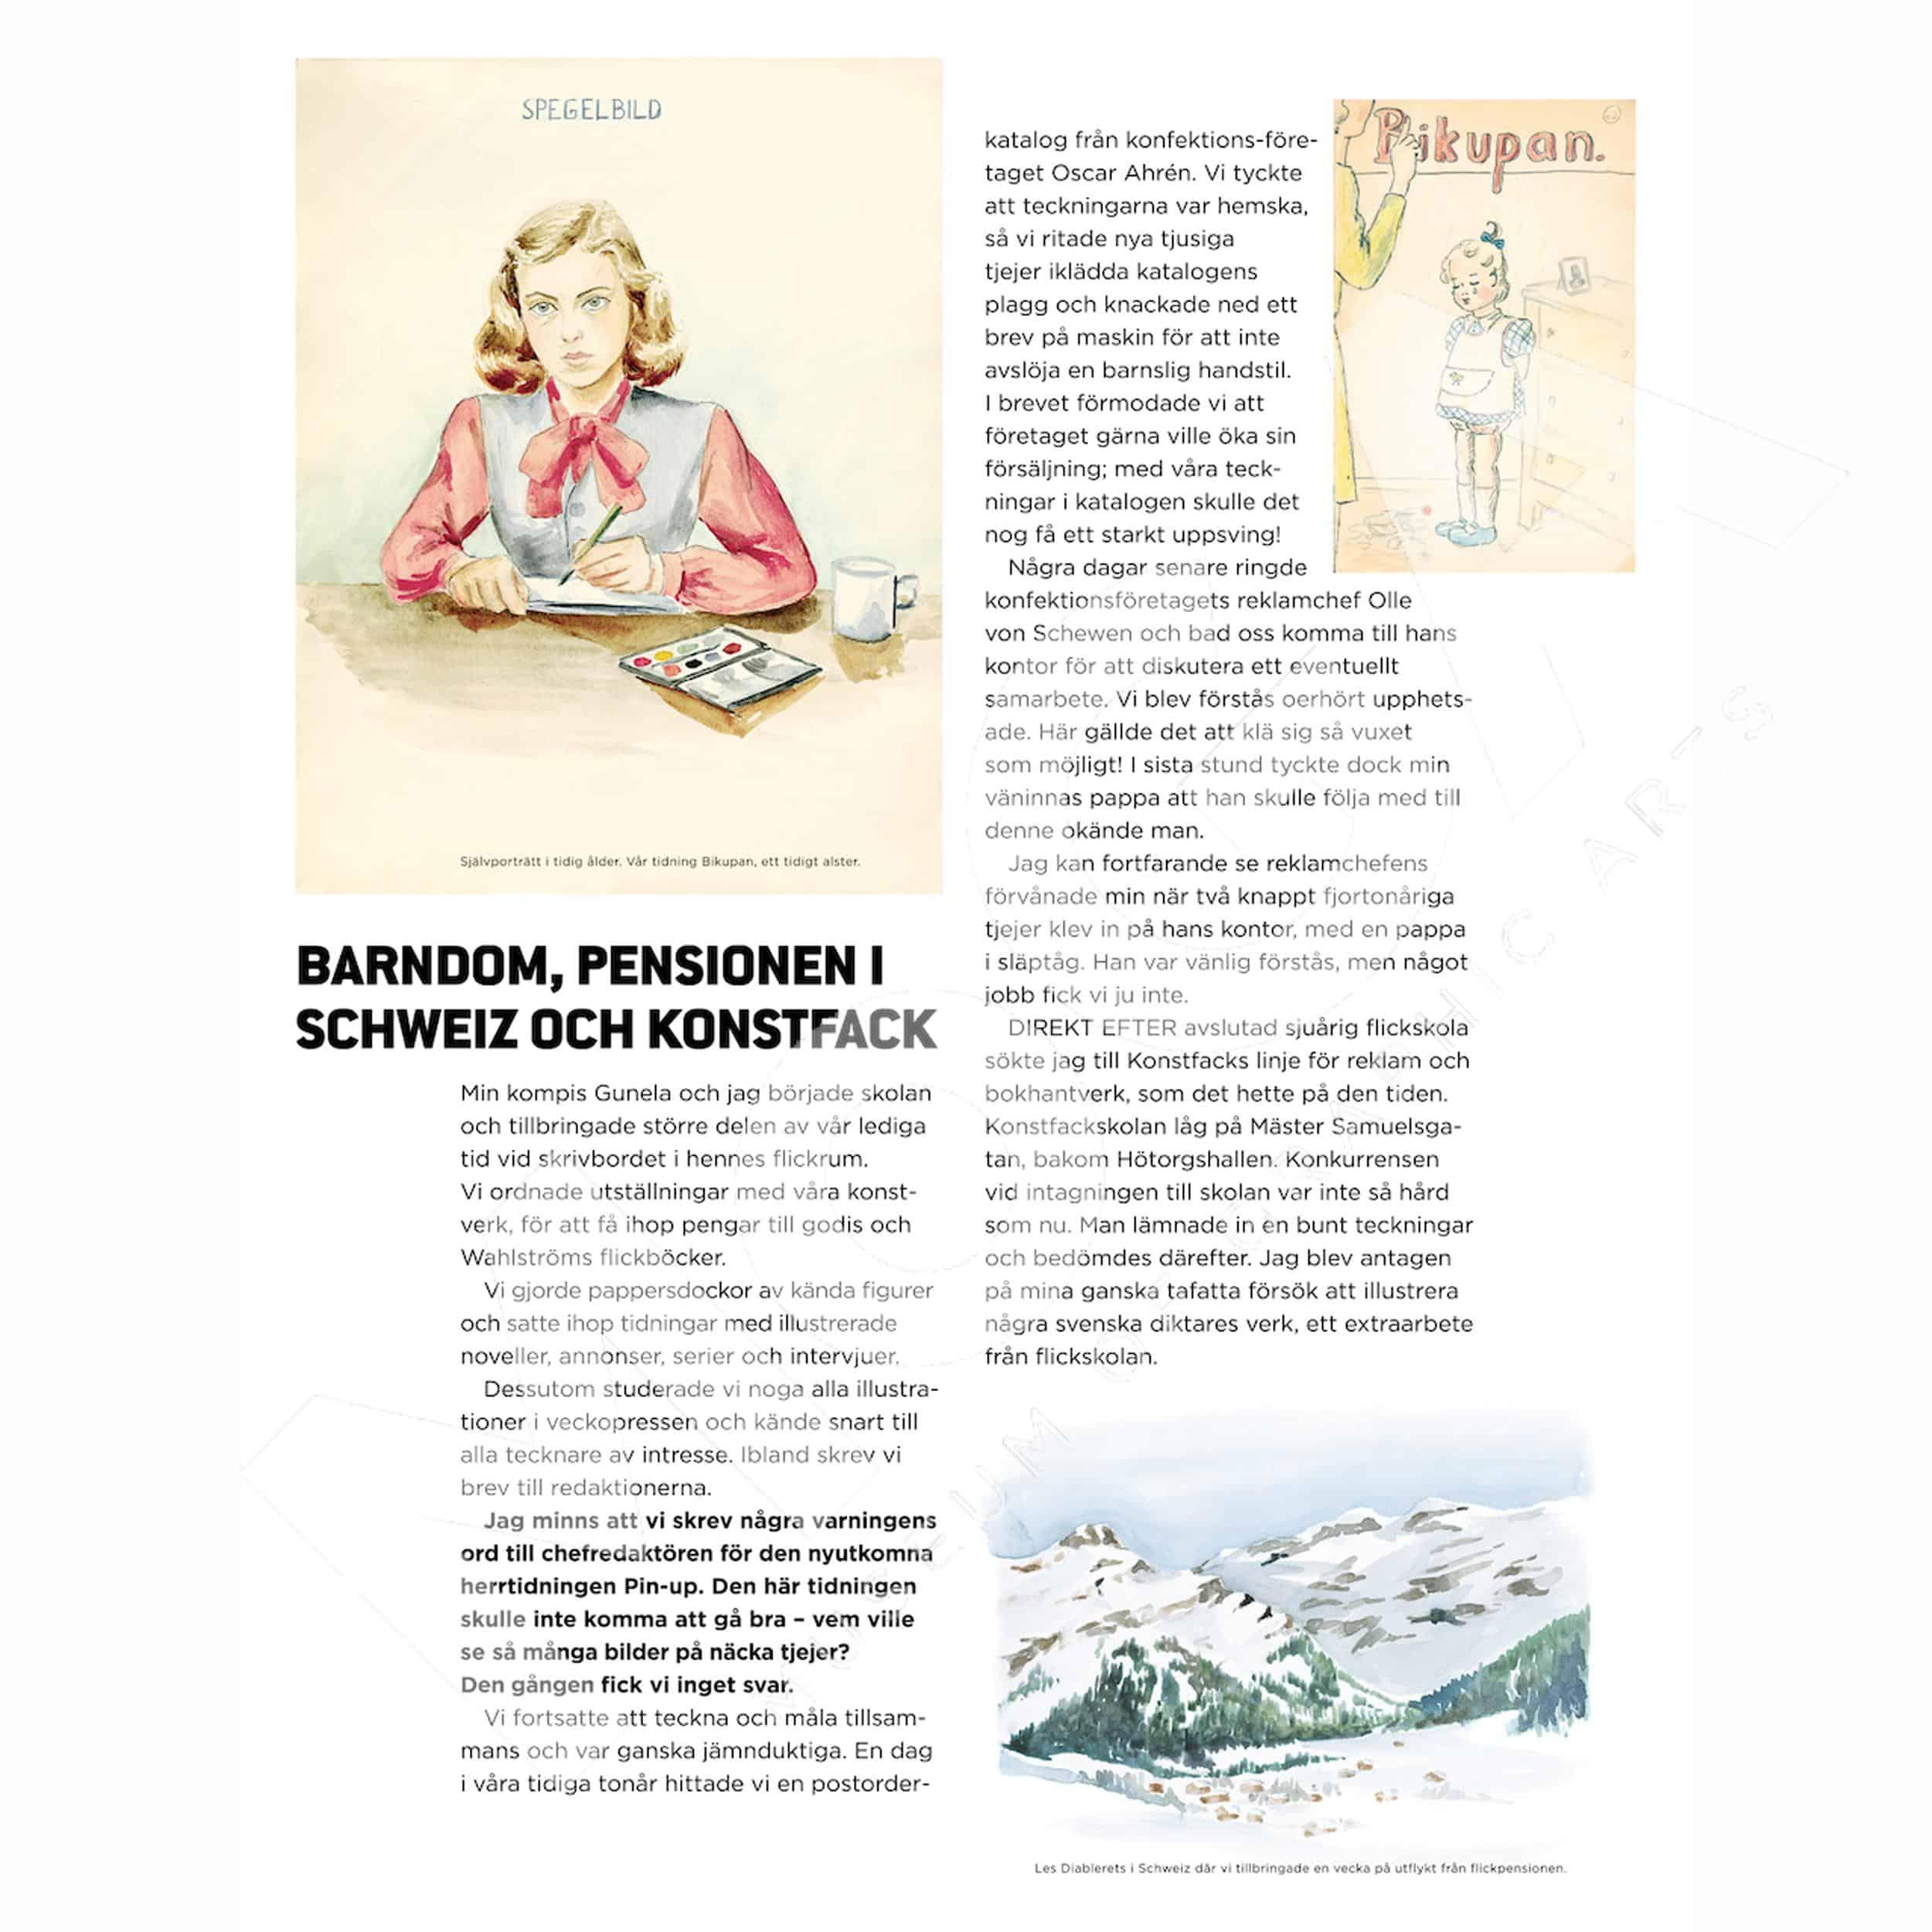 Barndomen, pensionen i Schweiz och Konstfack